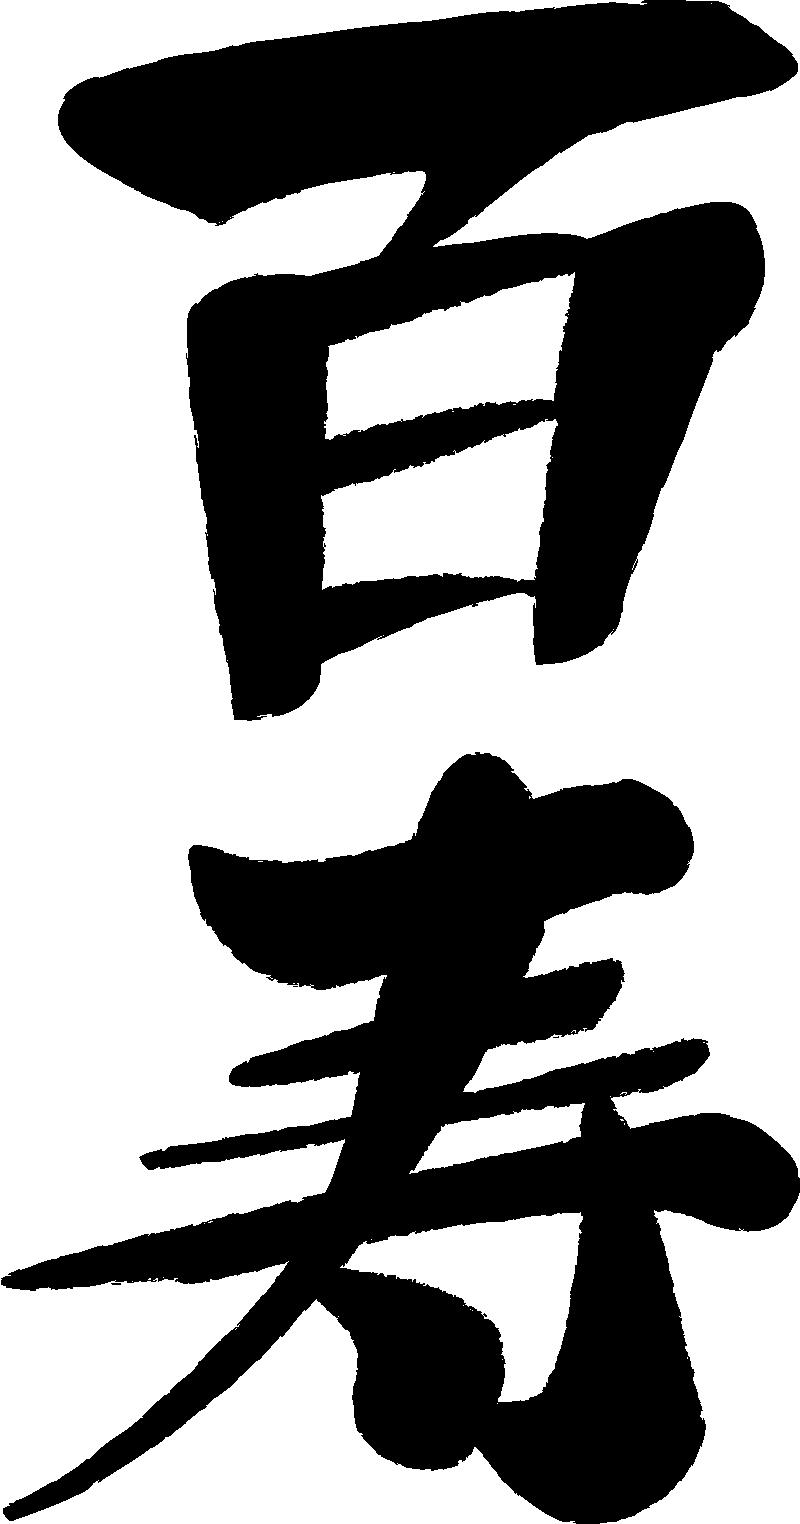 百寿(ももじゅ)の文字イラスト